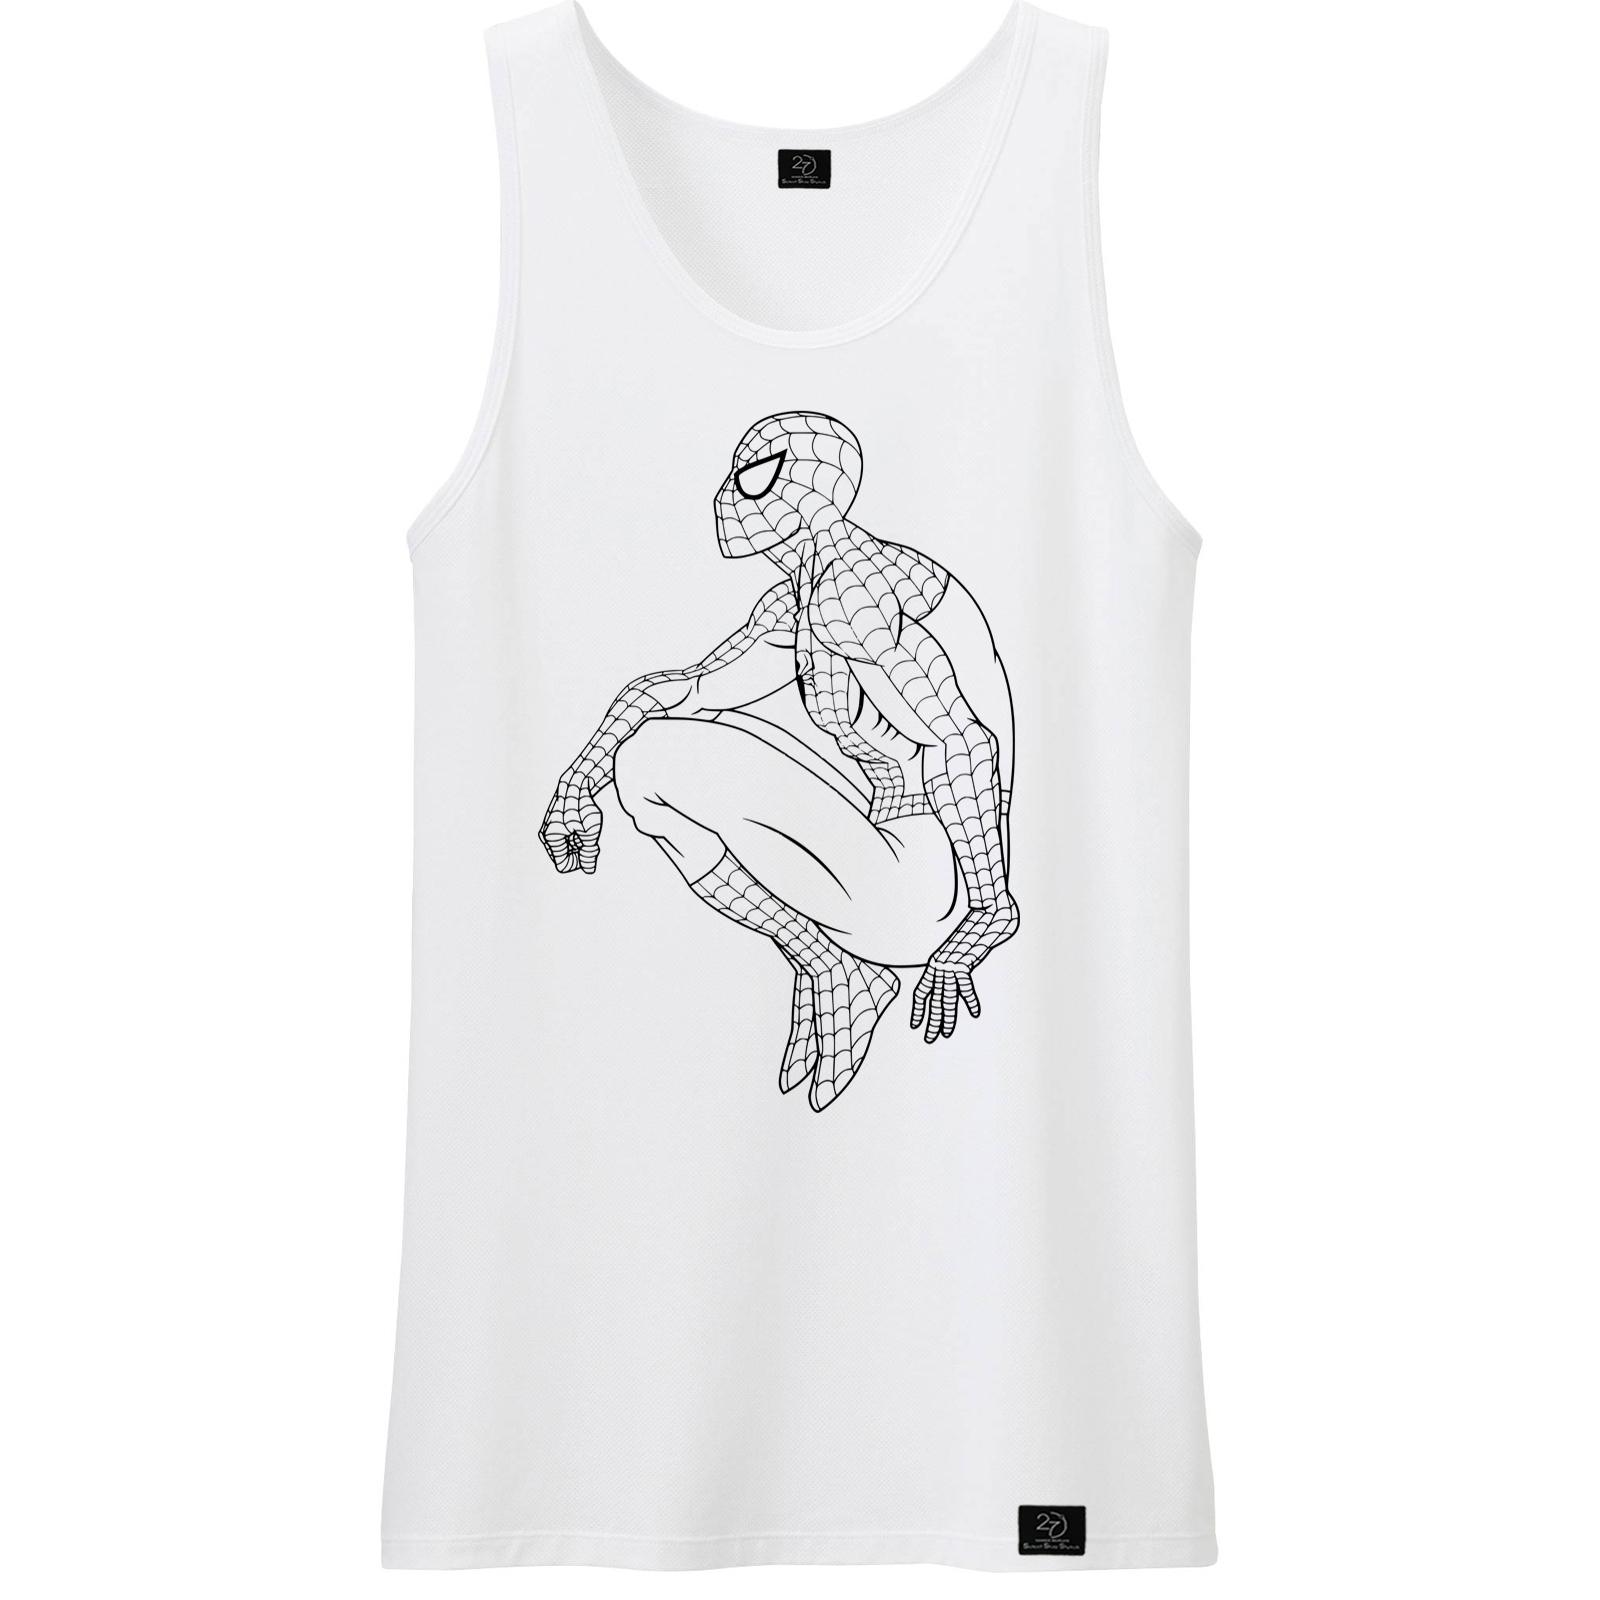 تاپ مردانه 27 مدل مرد عنکبوتی کد V14